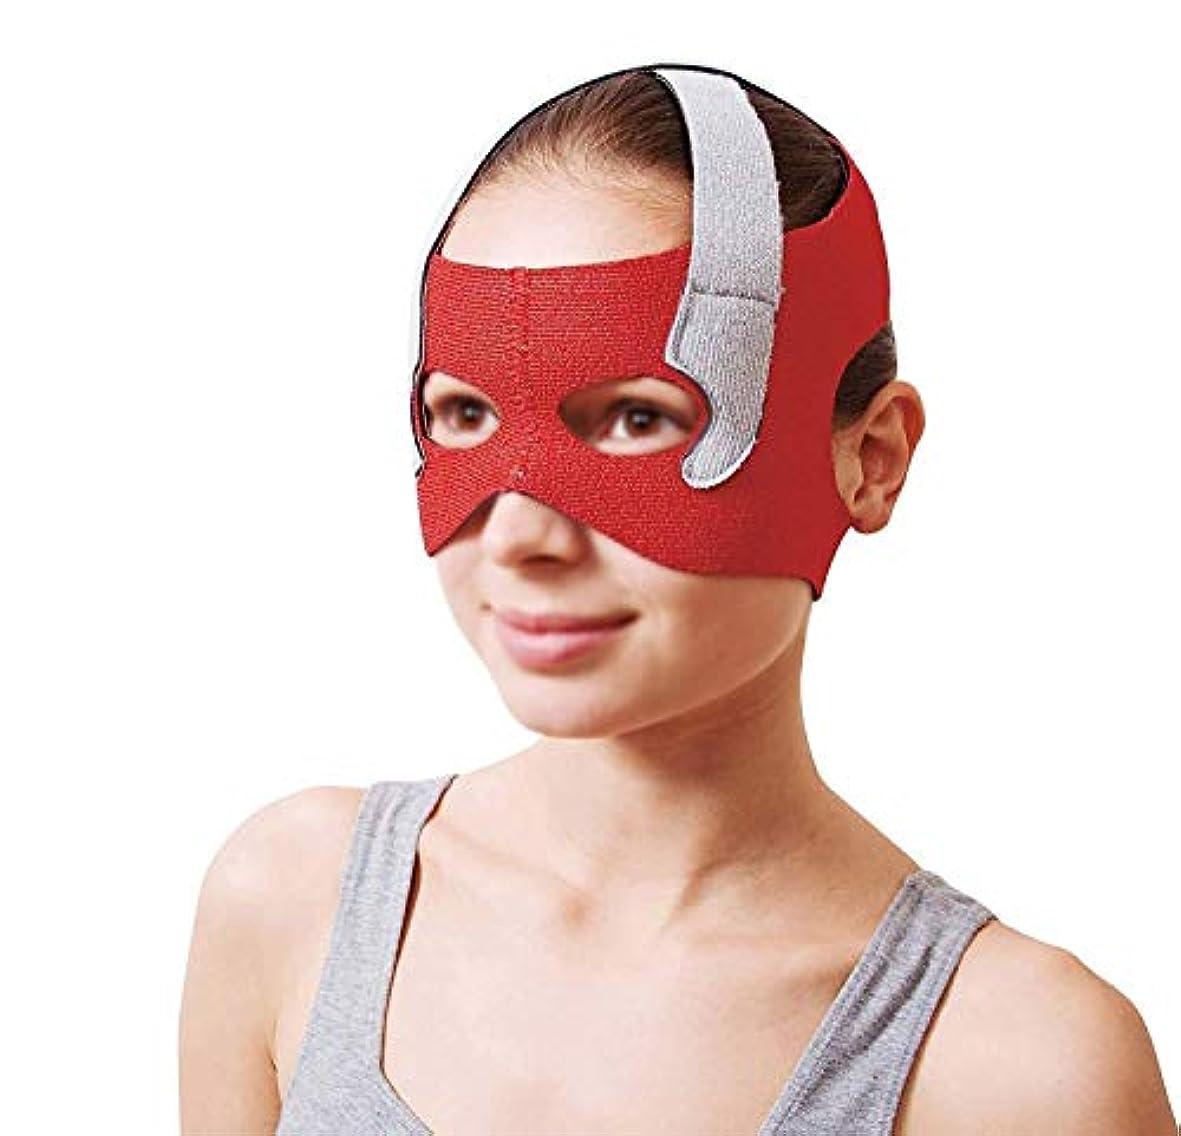 超高層ビルシェトランド諸島別々にフェイスリフトマスク、回復ポスト包帯ヘッドギアフェイスマスク顔薄いフェイスマスクアーティファクト美容ベルト顔と首リフト顔周囲57-68 cm